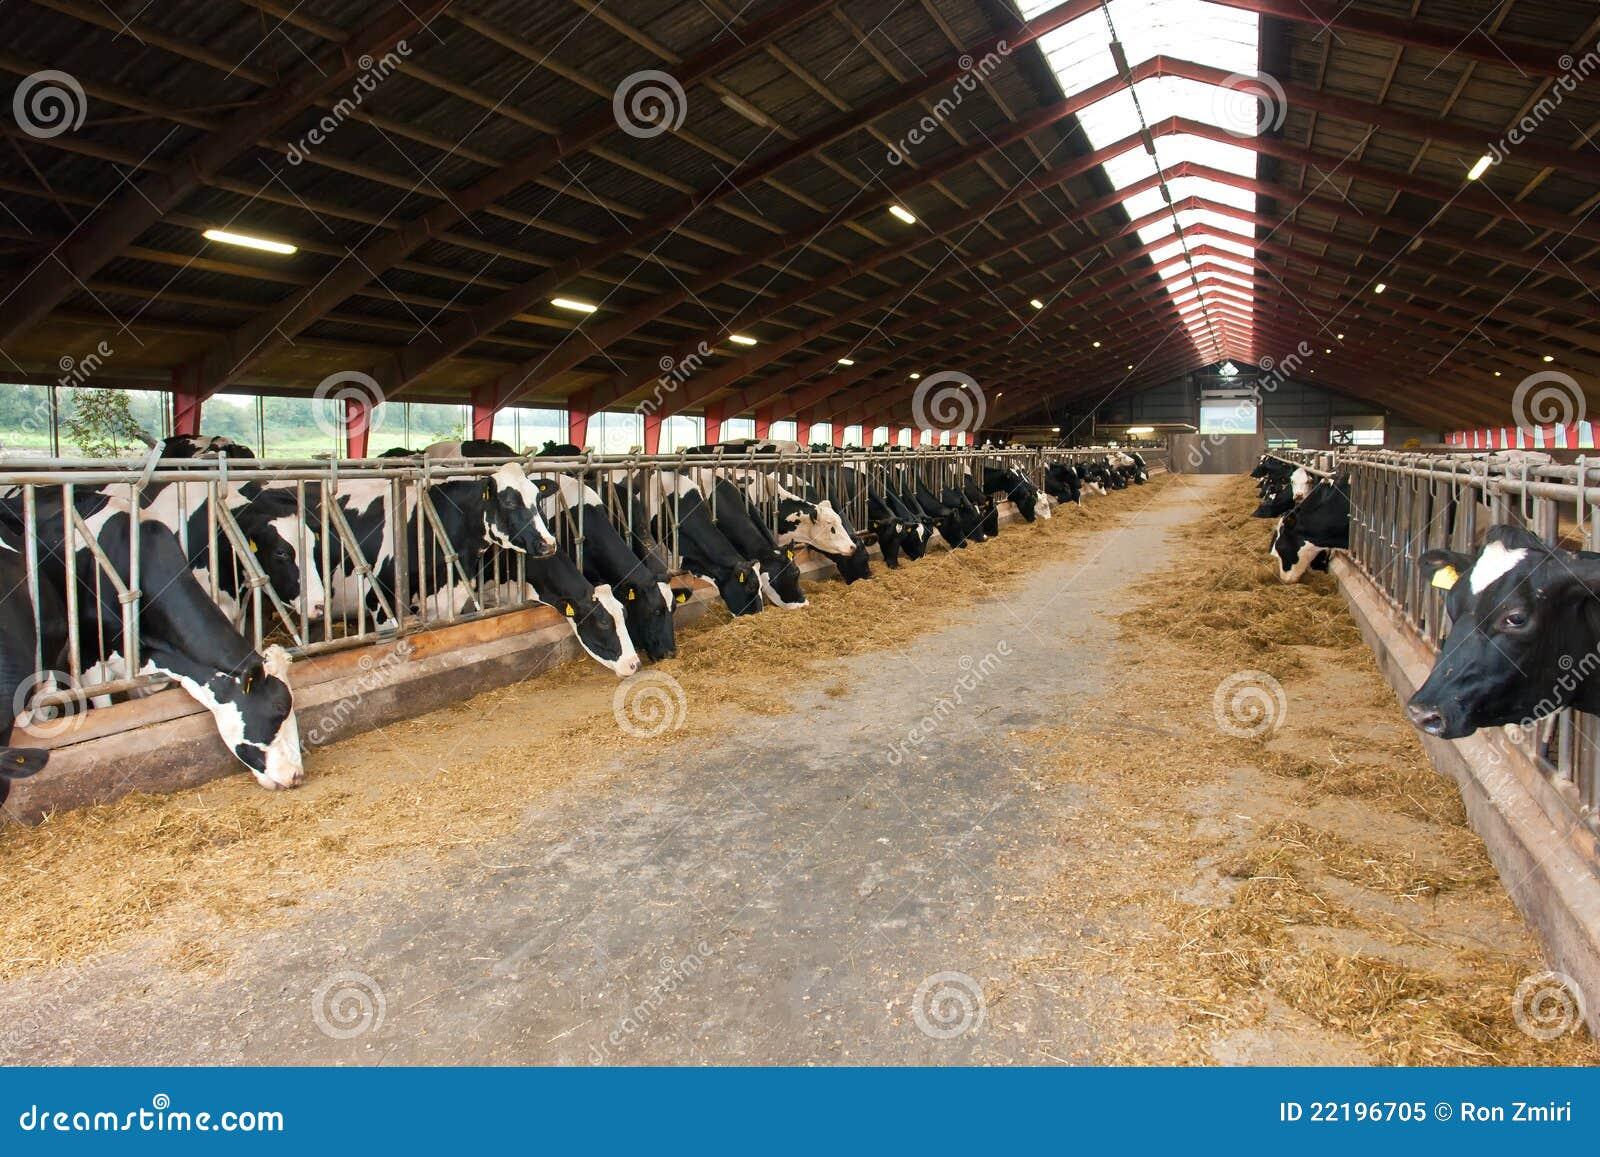 table moderne de ferme avec des vaches image stock image du domestique blanc 22196705. Black Bedroom Furniture Sets. Home Design Ideas